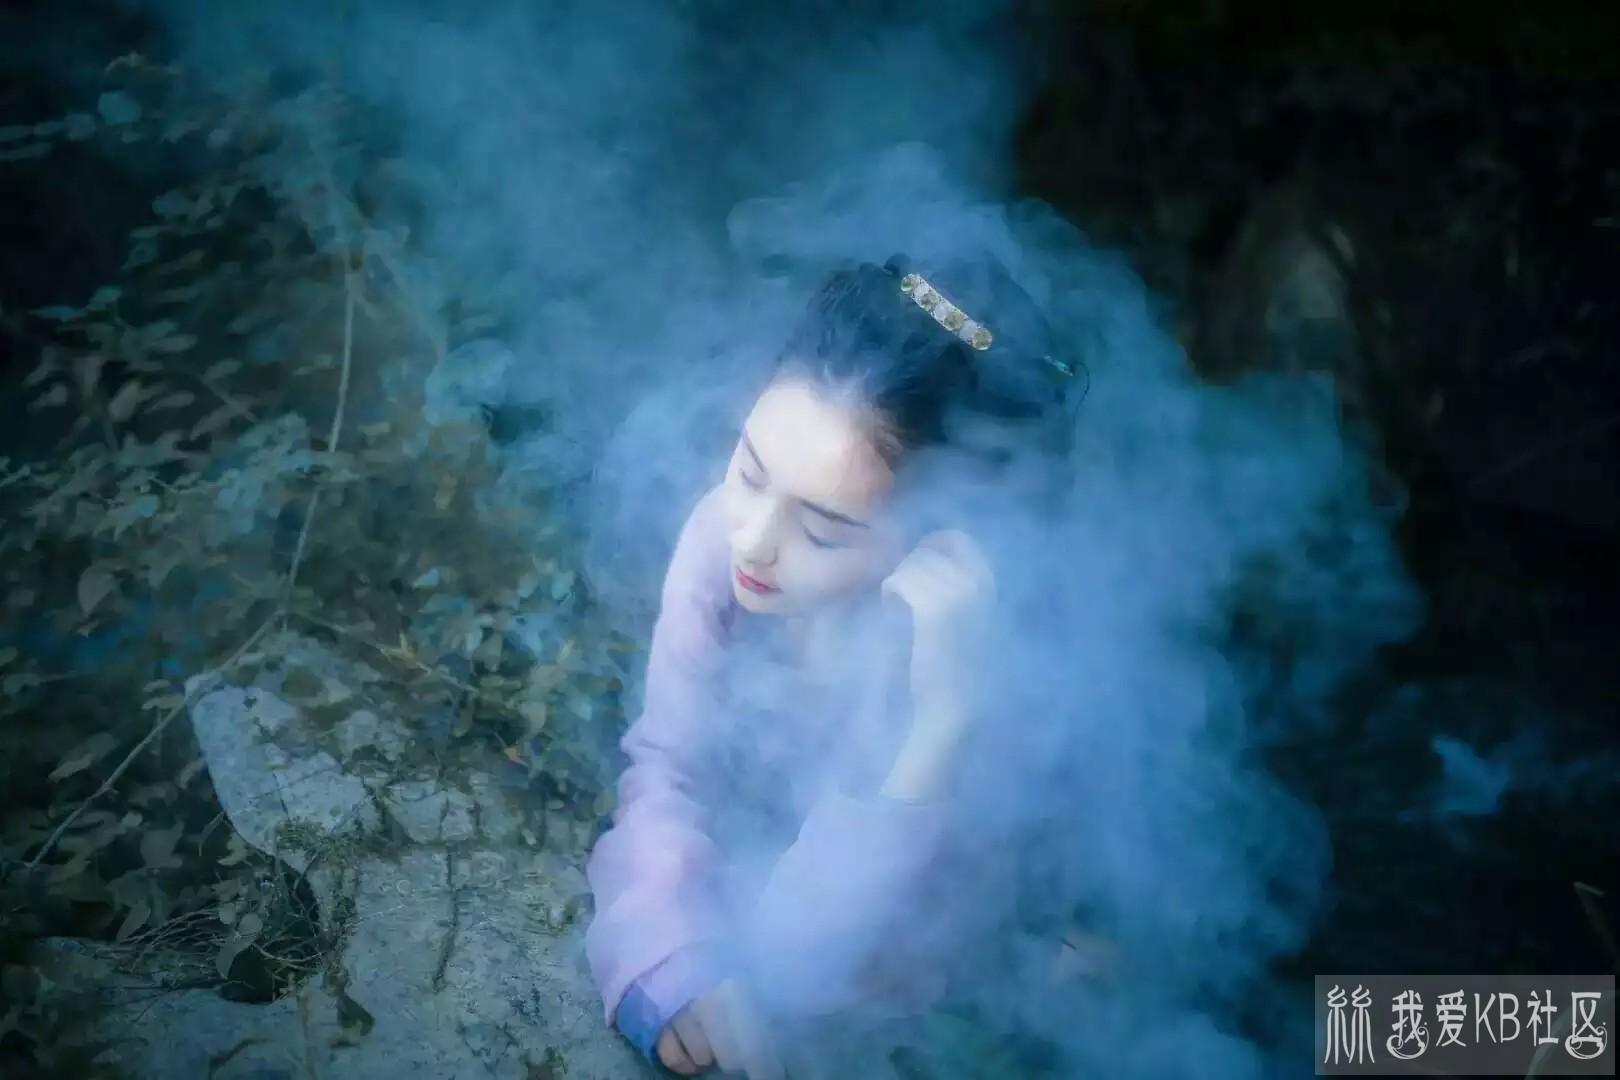 【兰如氏】古装美女烟雨中